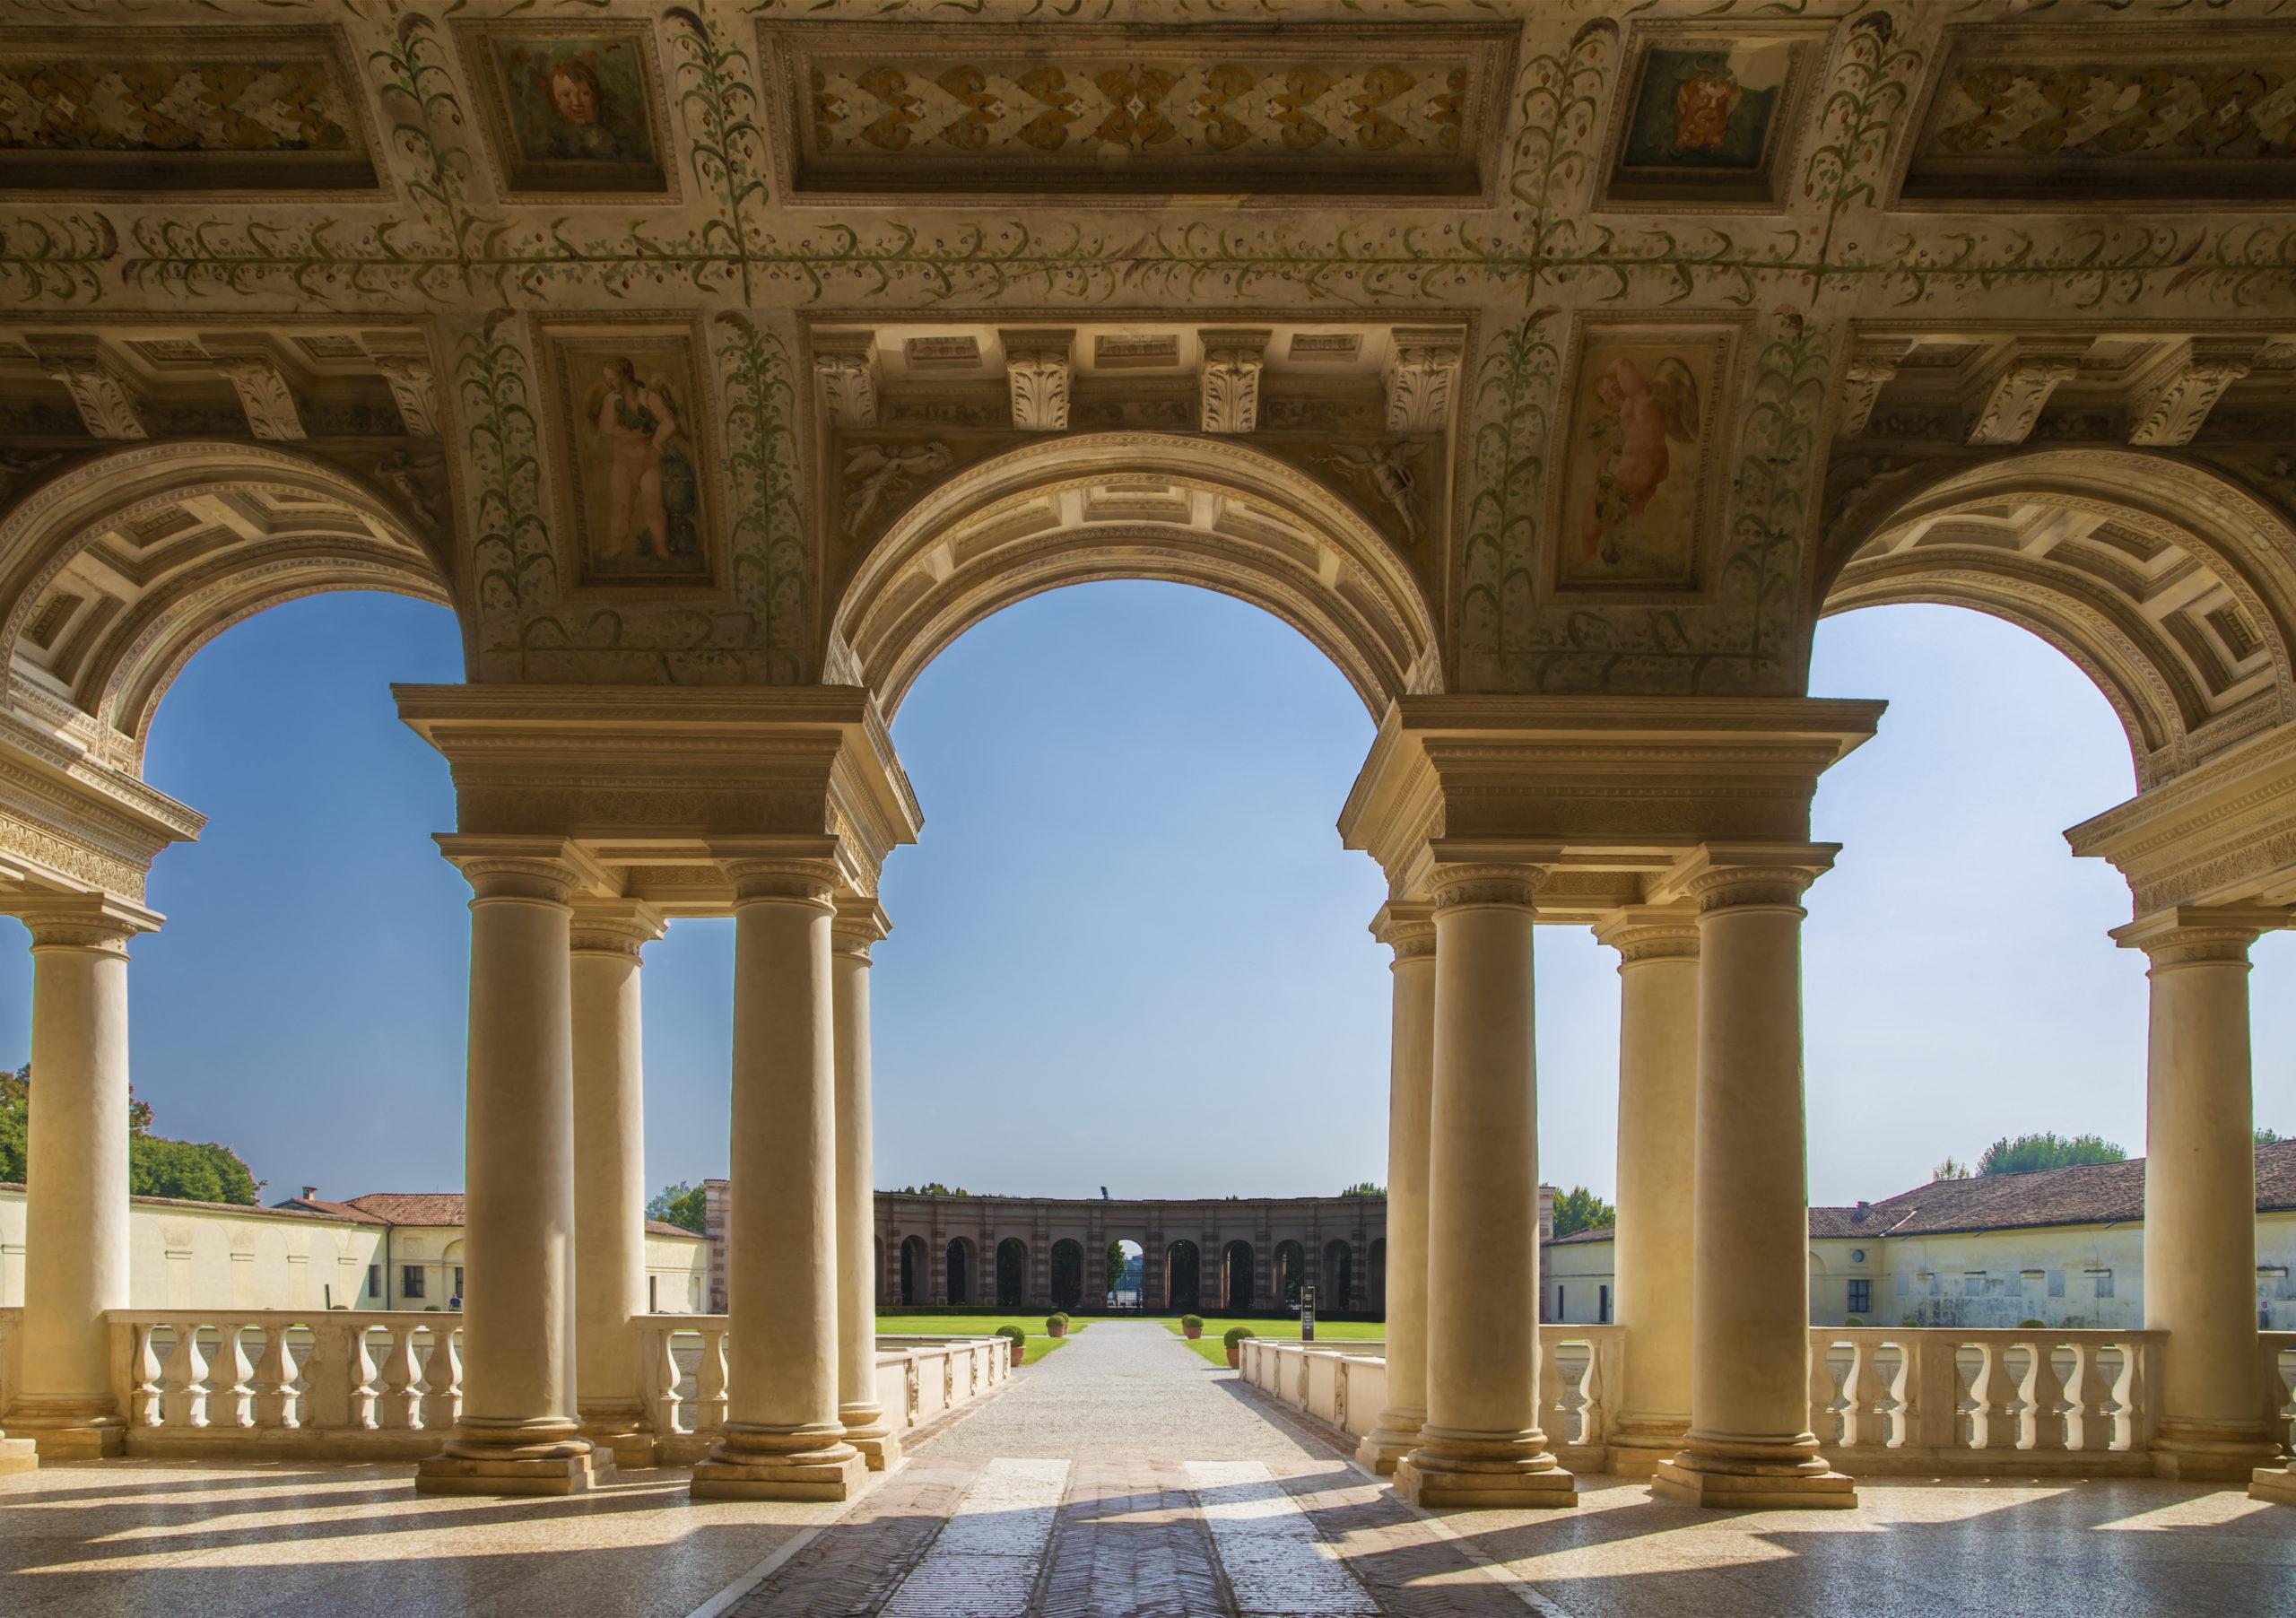 Courtyard of Palazzo Te in Mantua, Italy